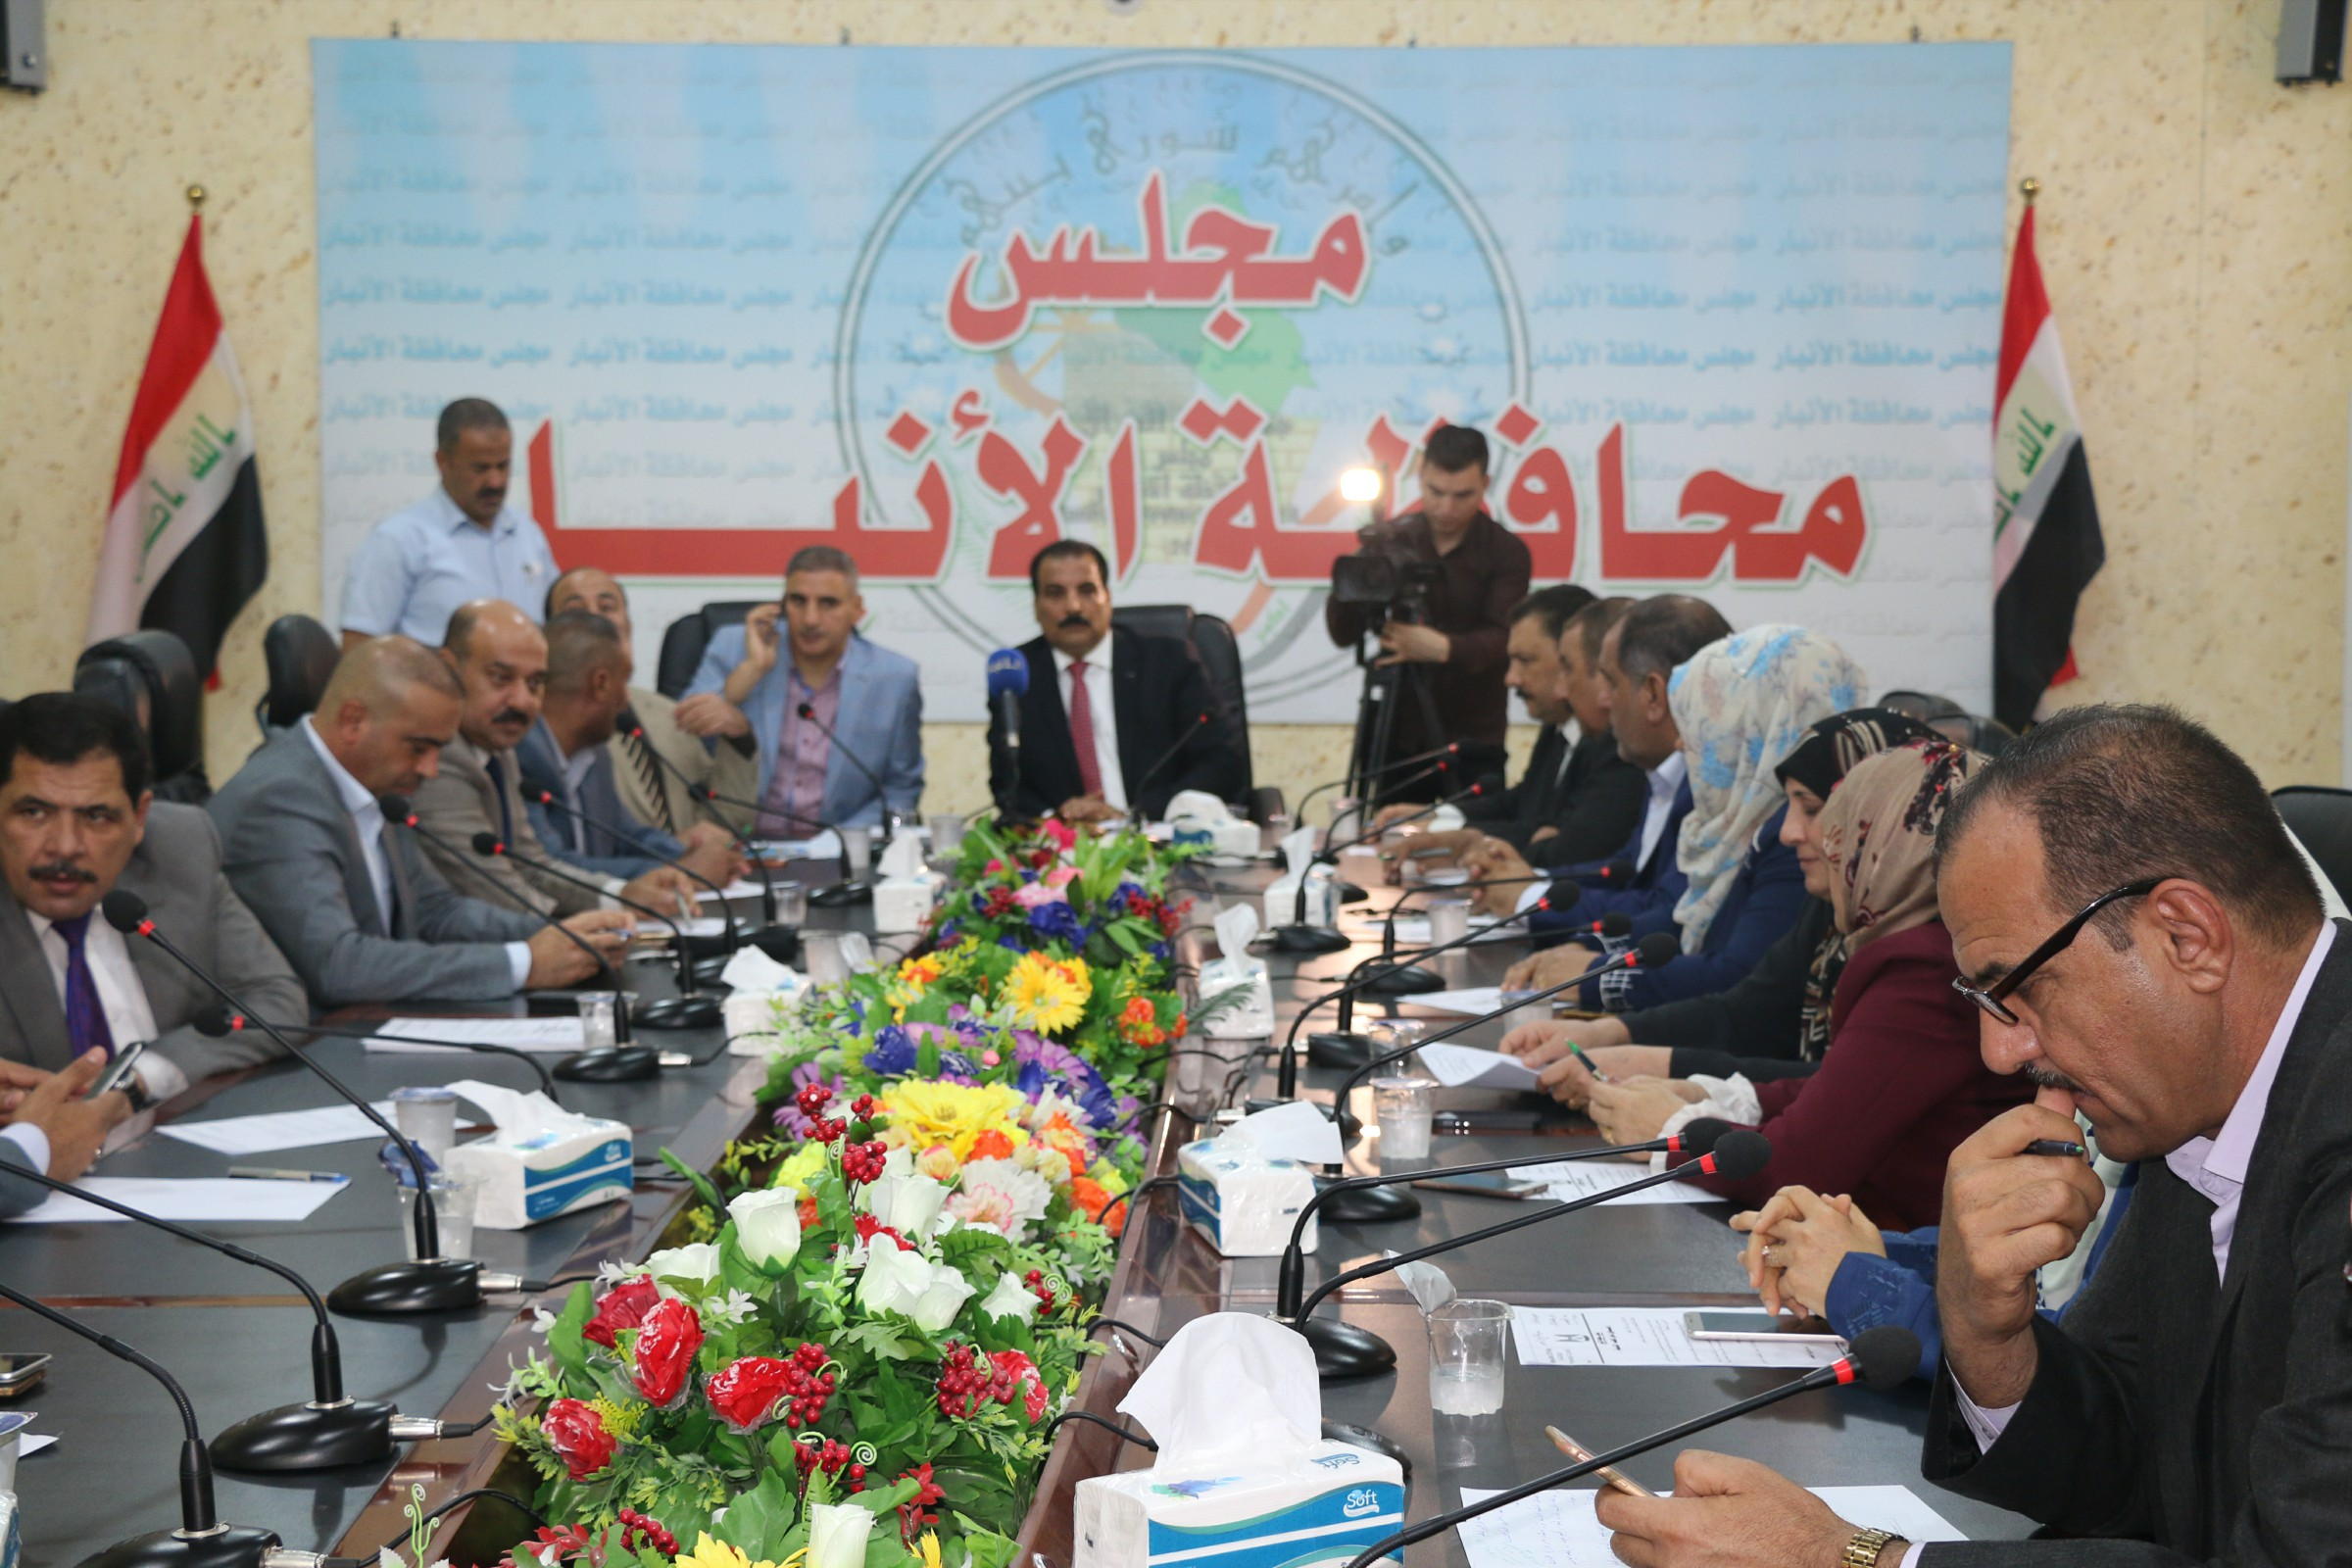 14 عضوا بمجلس الأنبار يقدمون طلبا لإقالة المحافظ صهيب الراوي